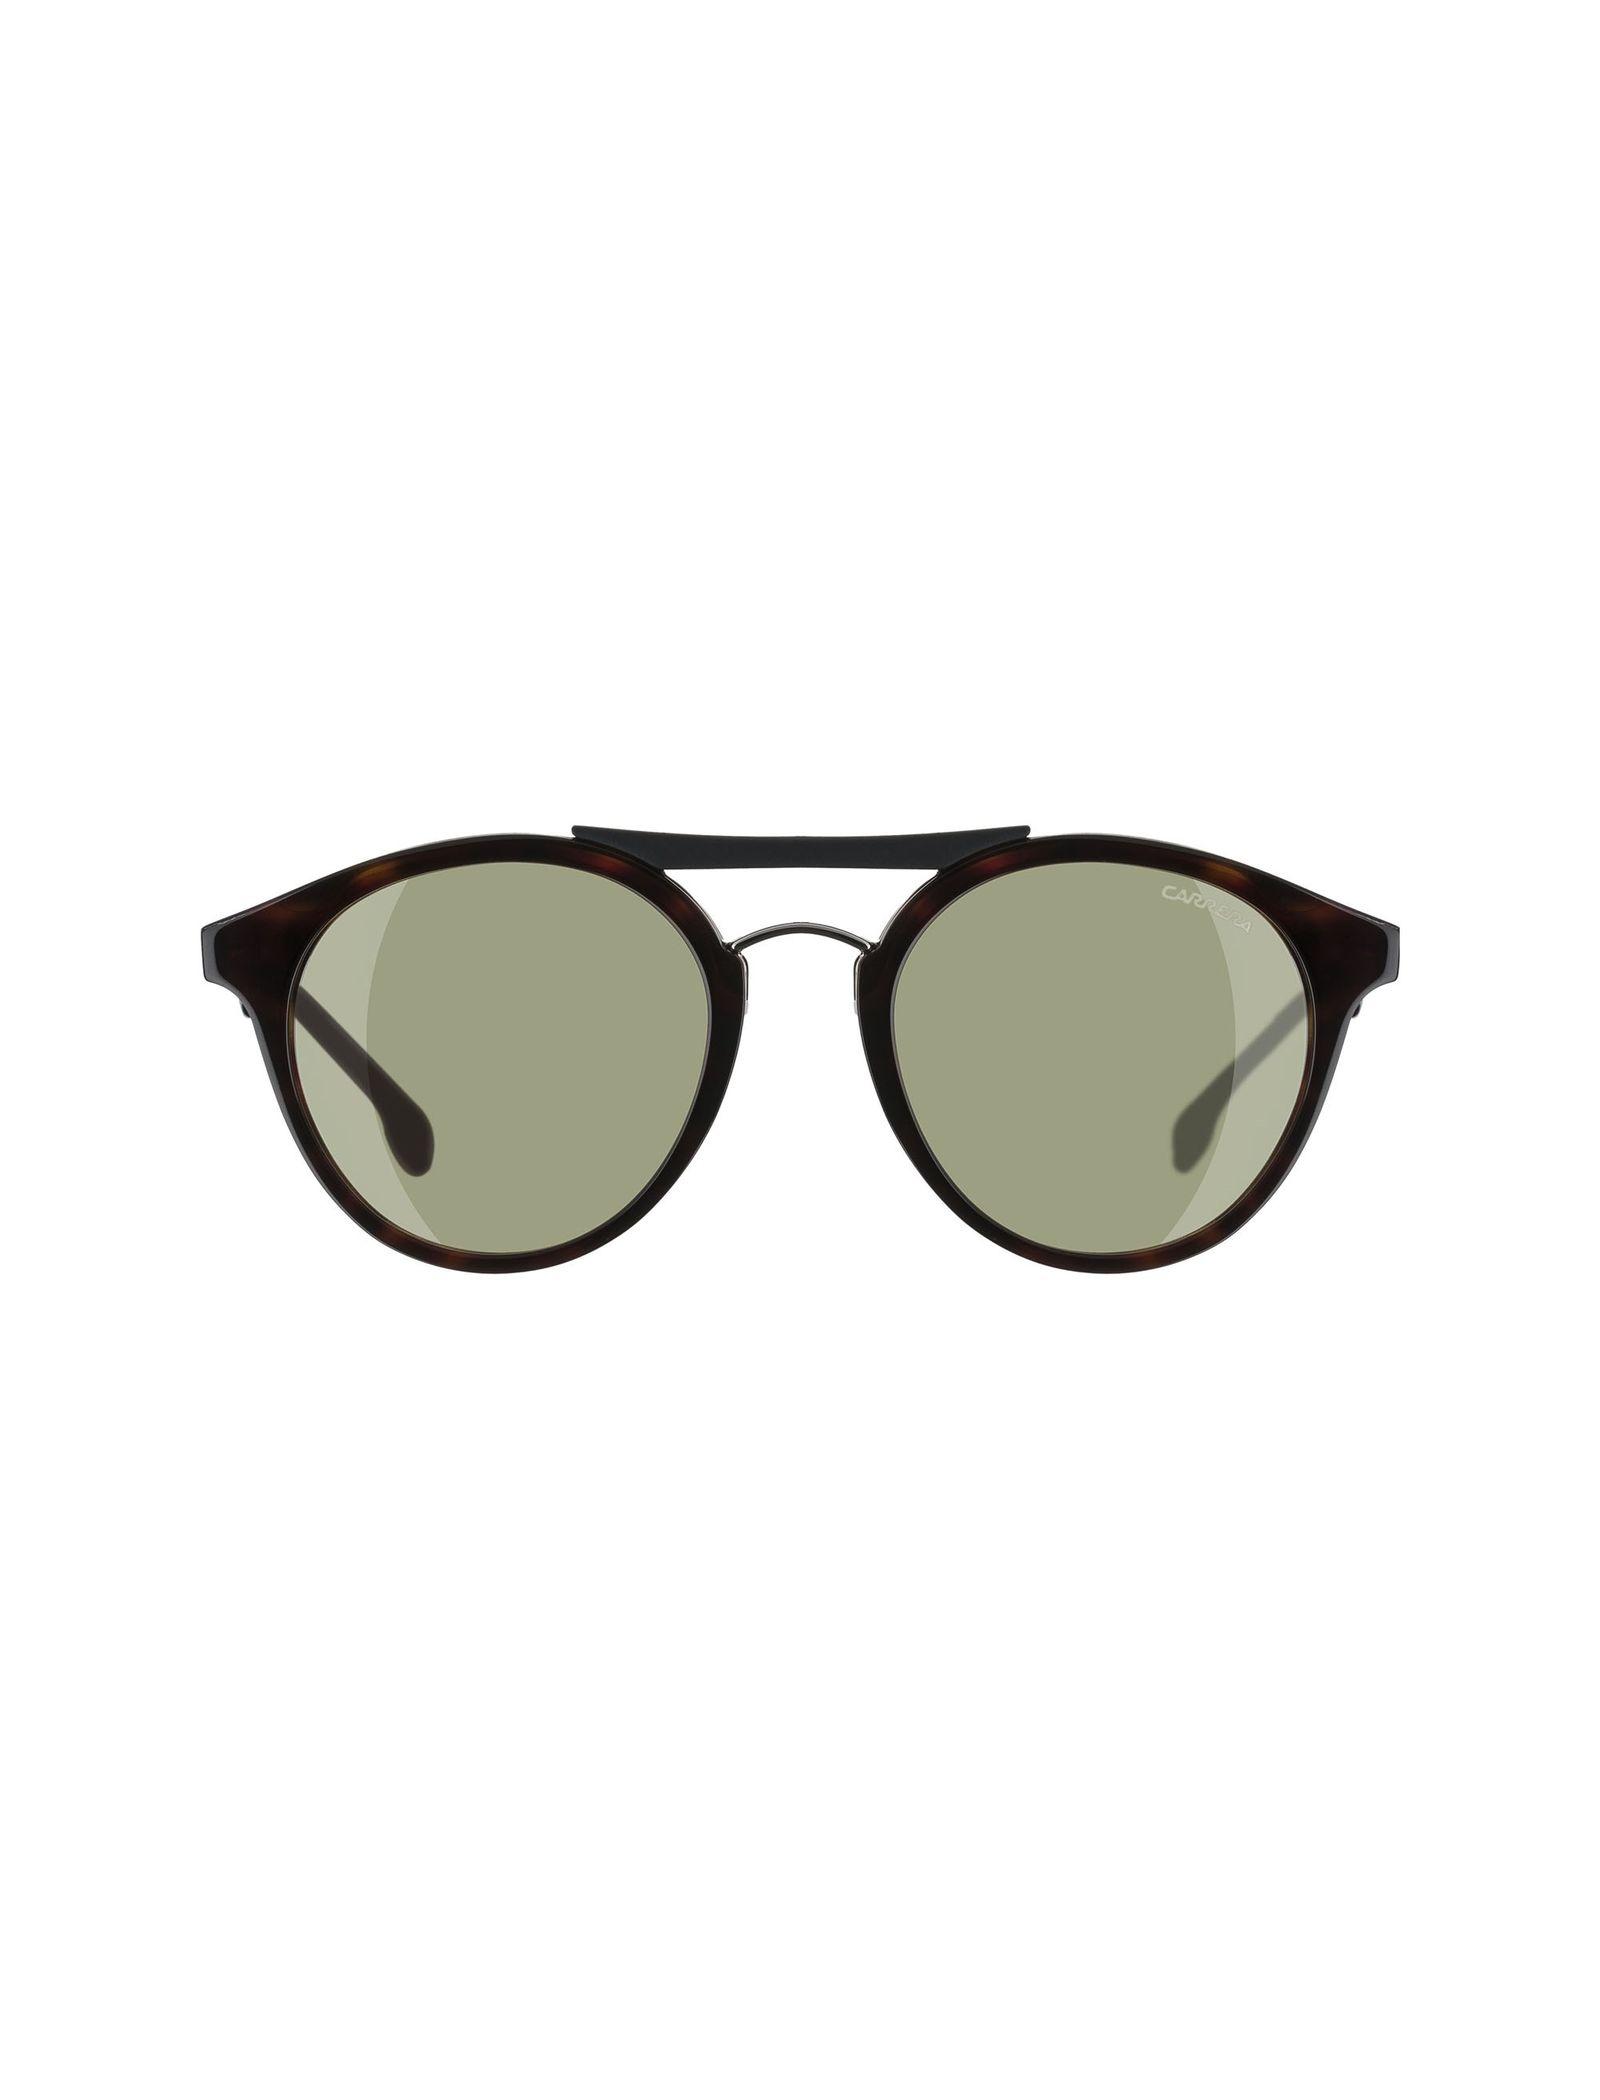 عینک آفتابی پنتوس بزرگسال - کاررا - قهوه اي لاک پشتي - 1